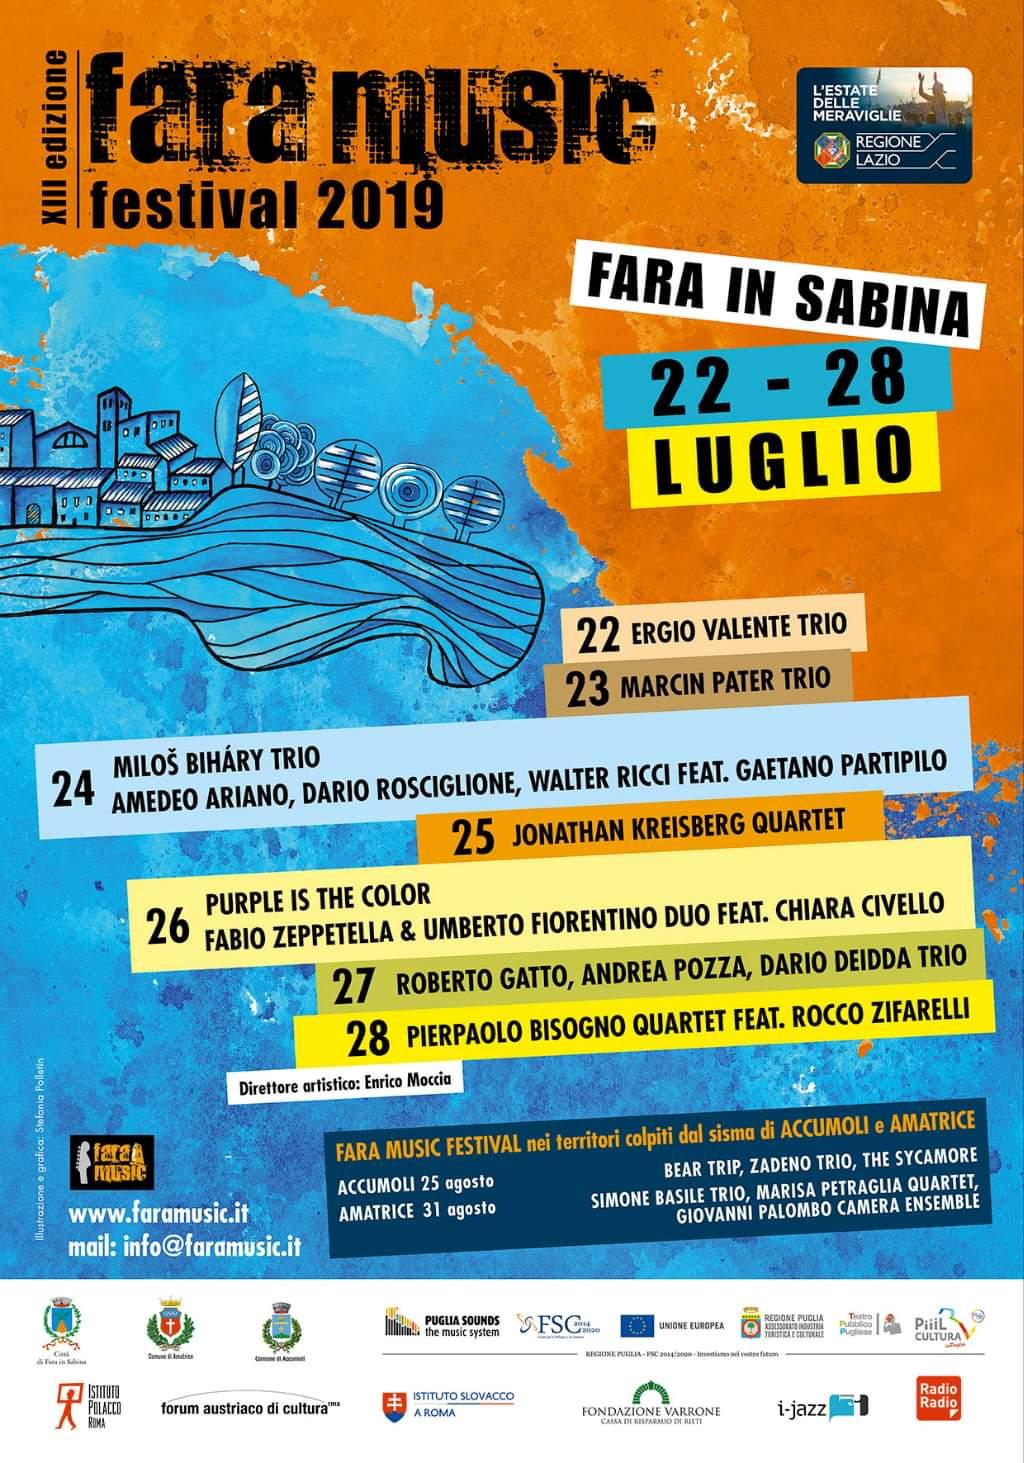 Fara Music Festival 2019 anche ad Accumuli ed Amatrice